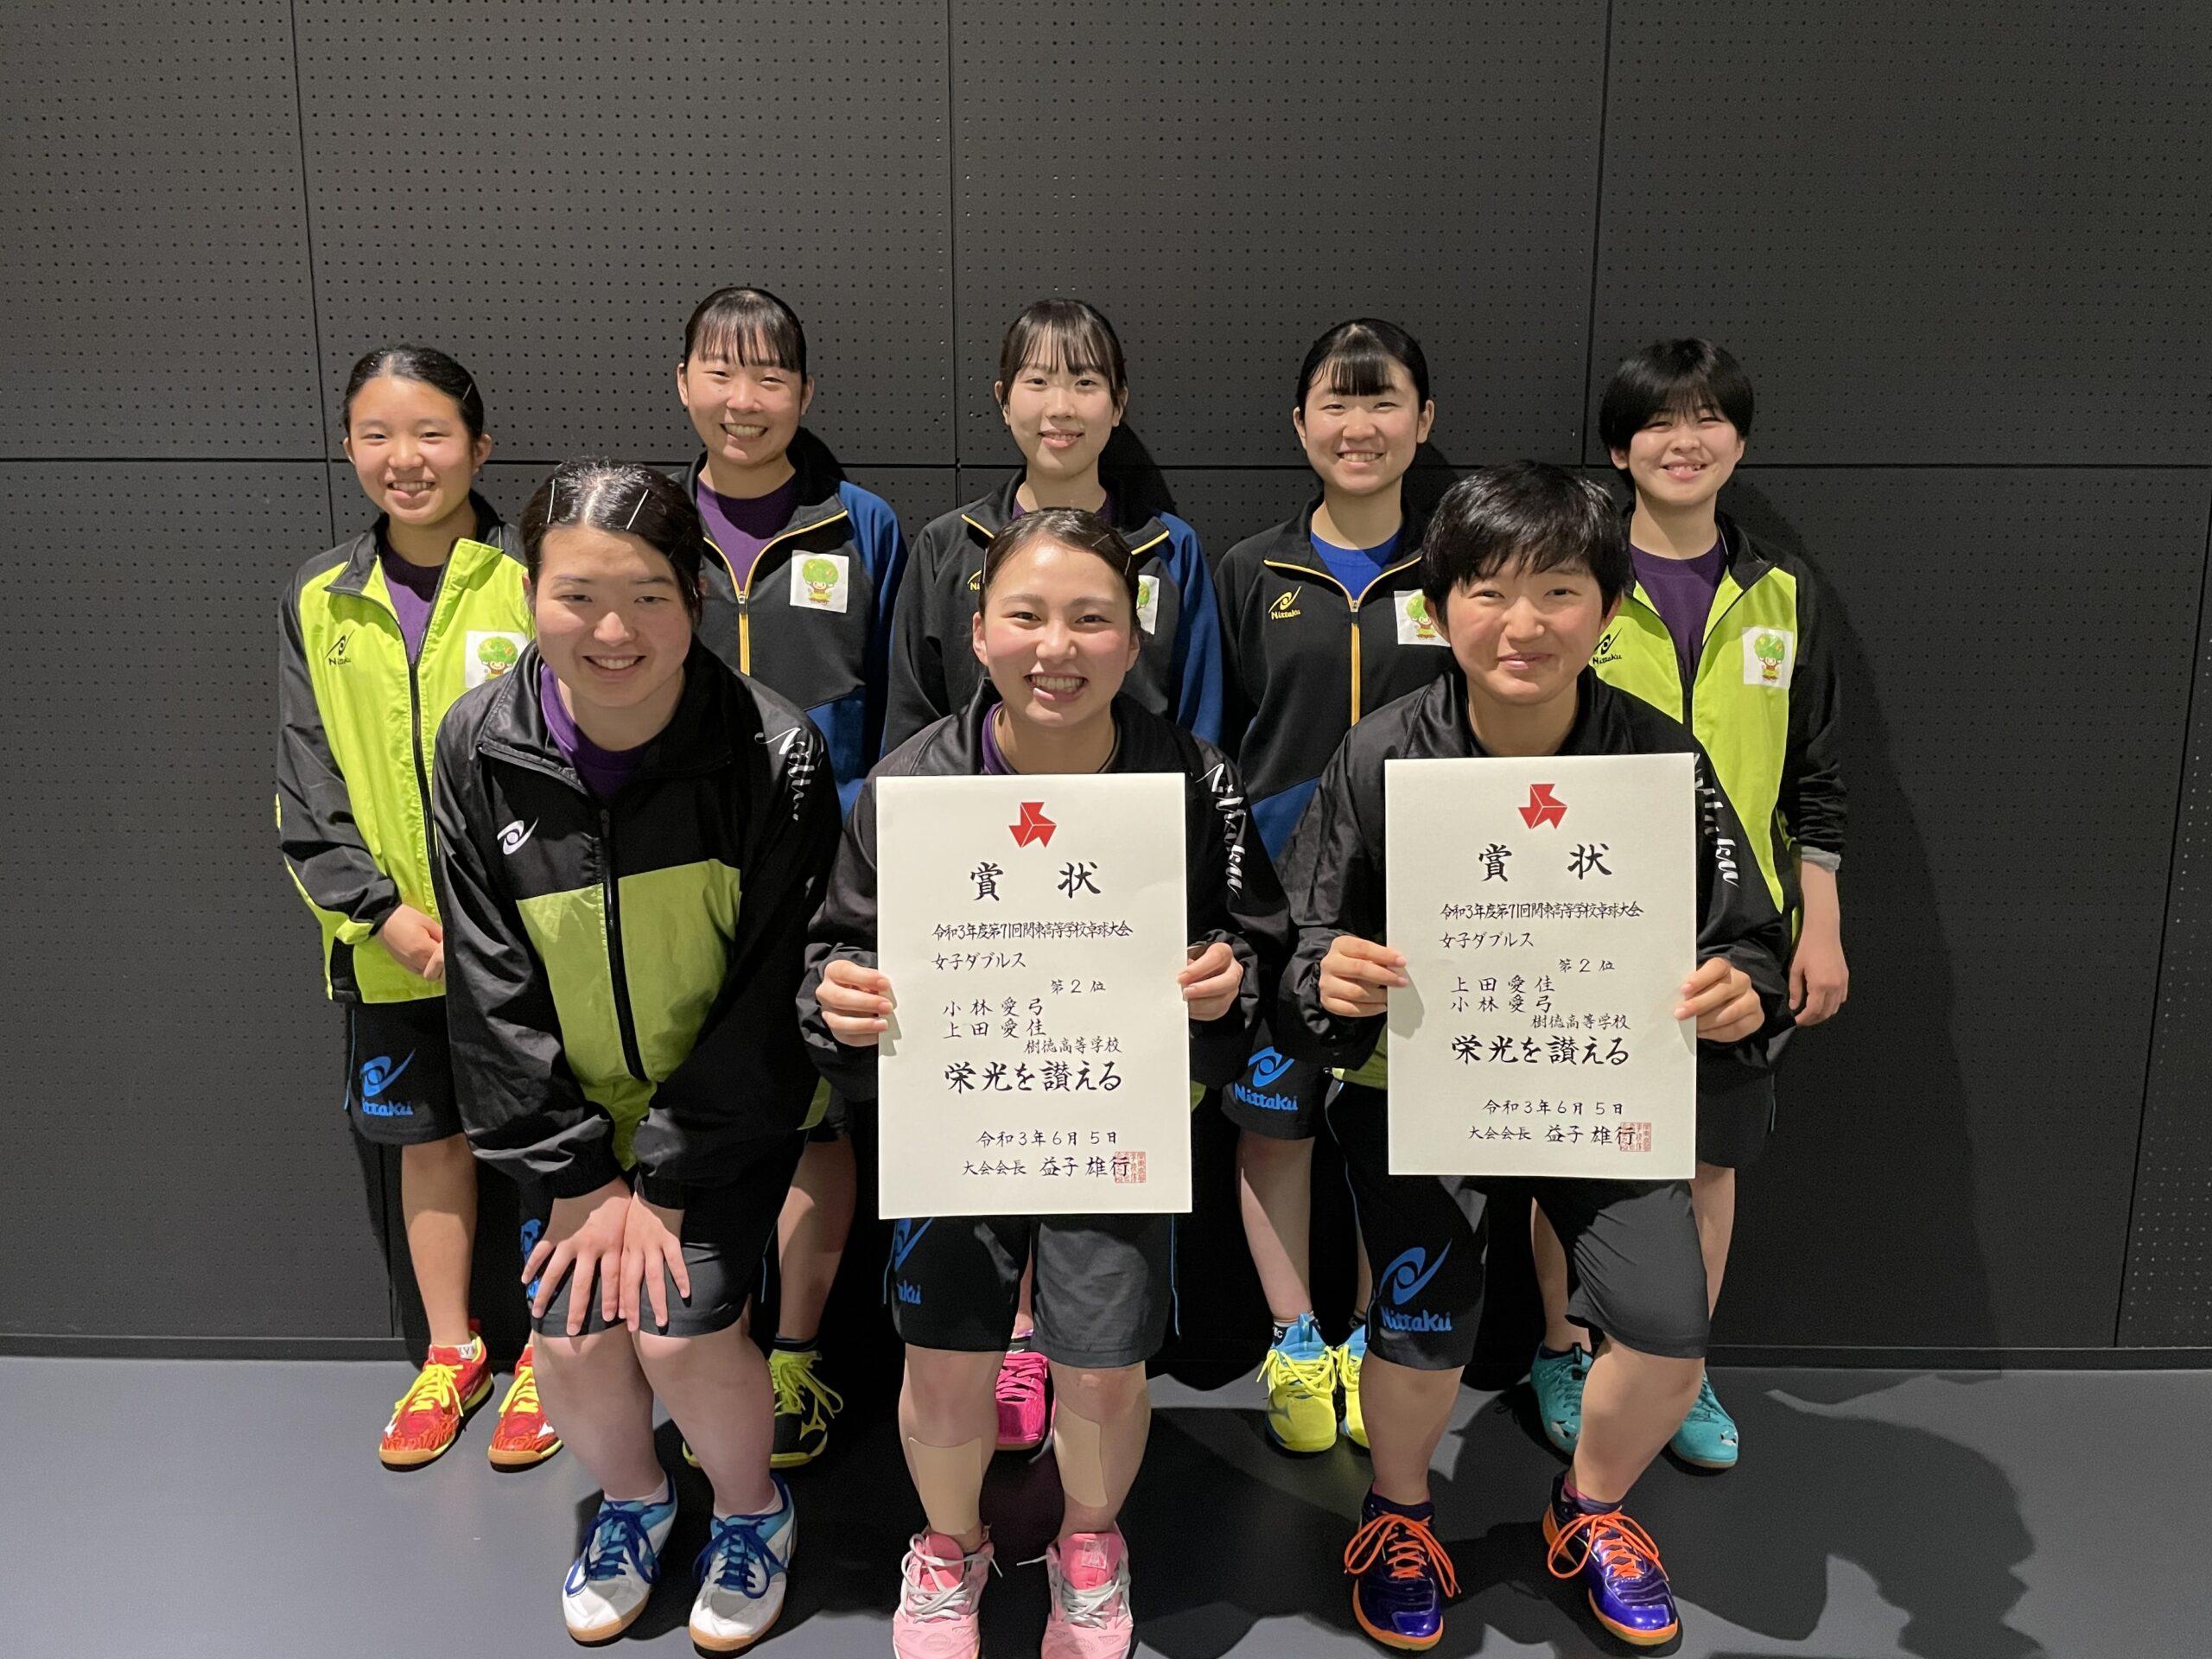 令和3年度 第71回関東高等学校卓球大会